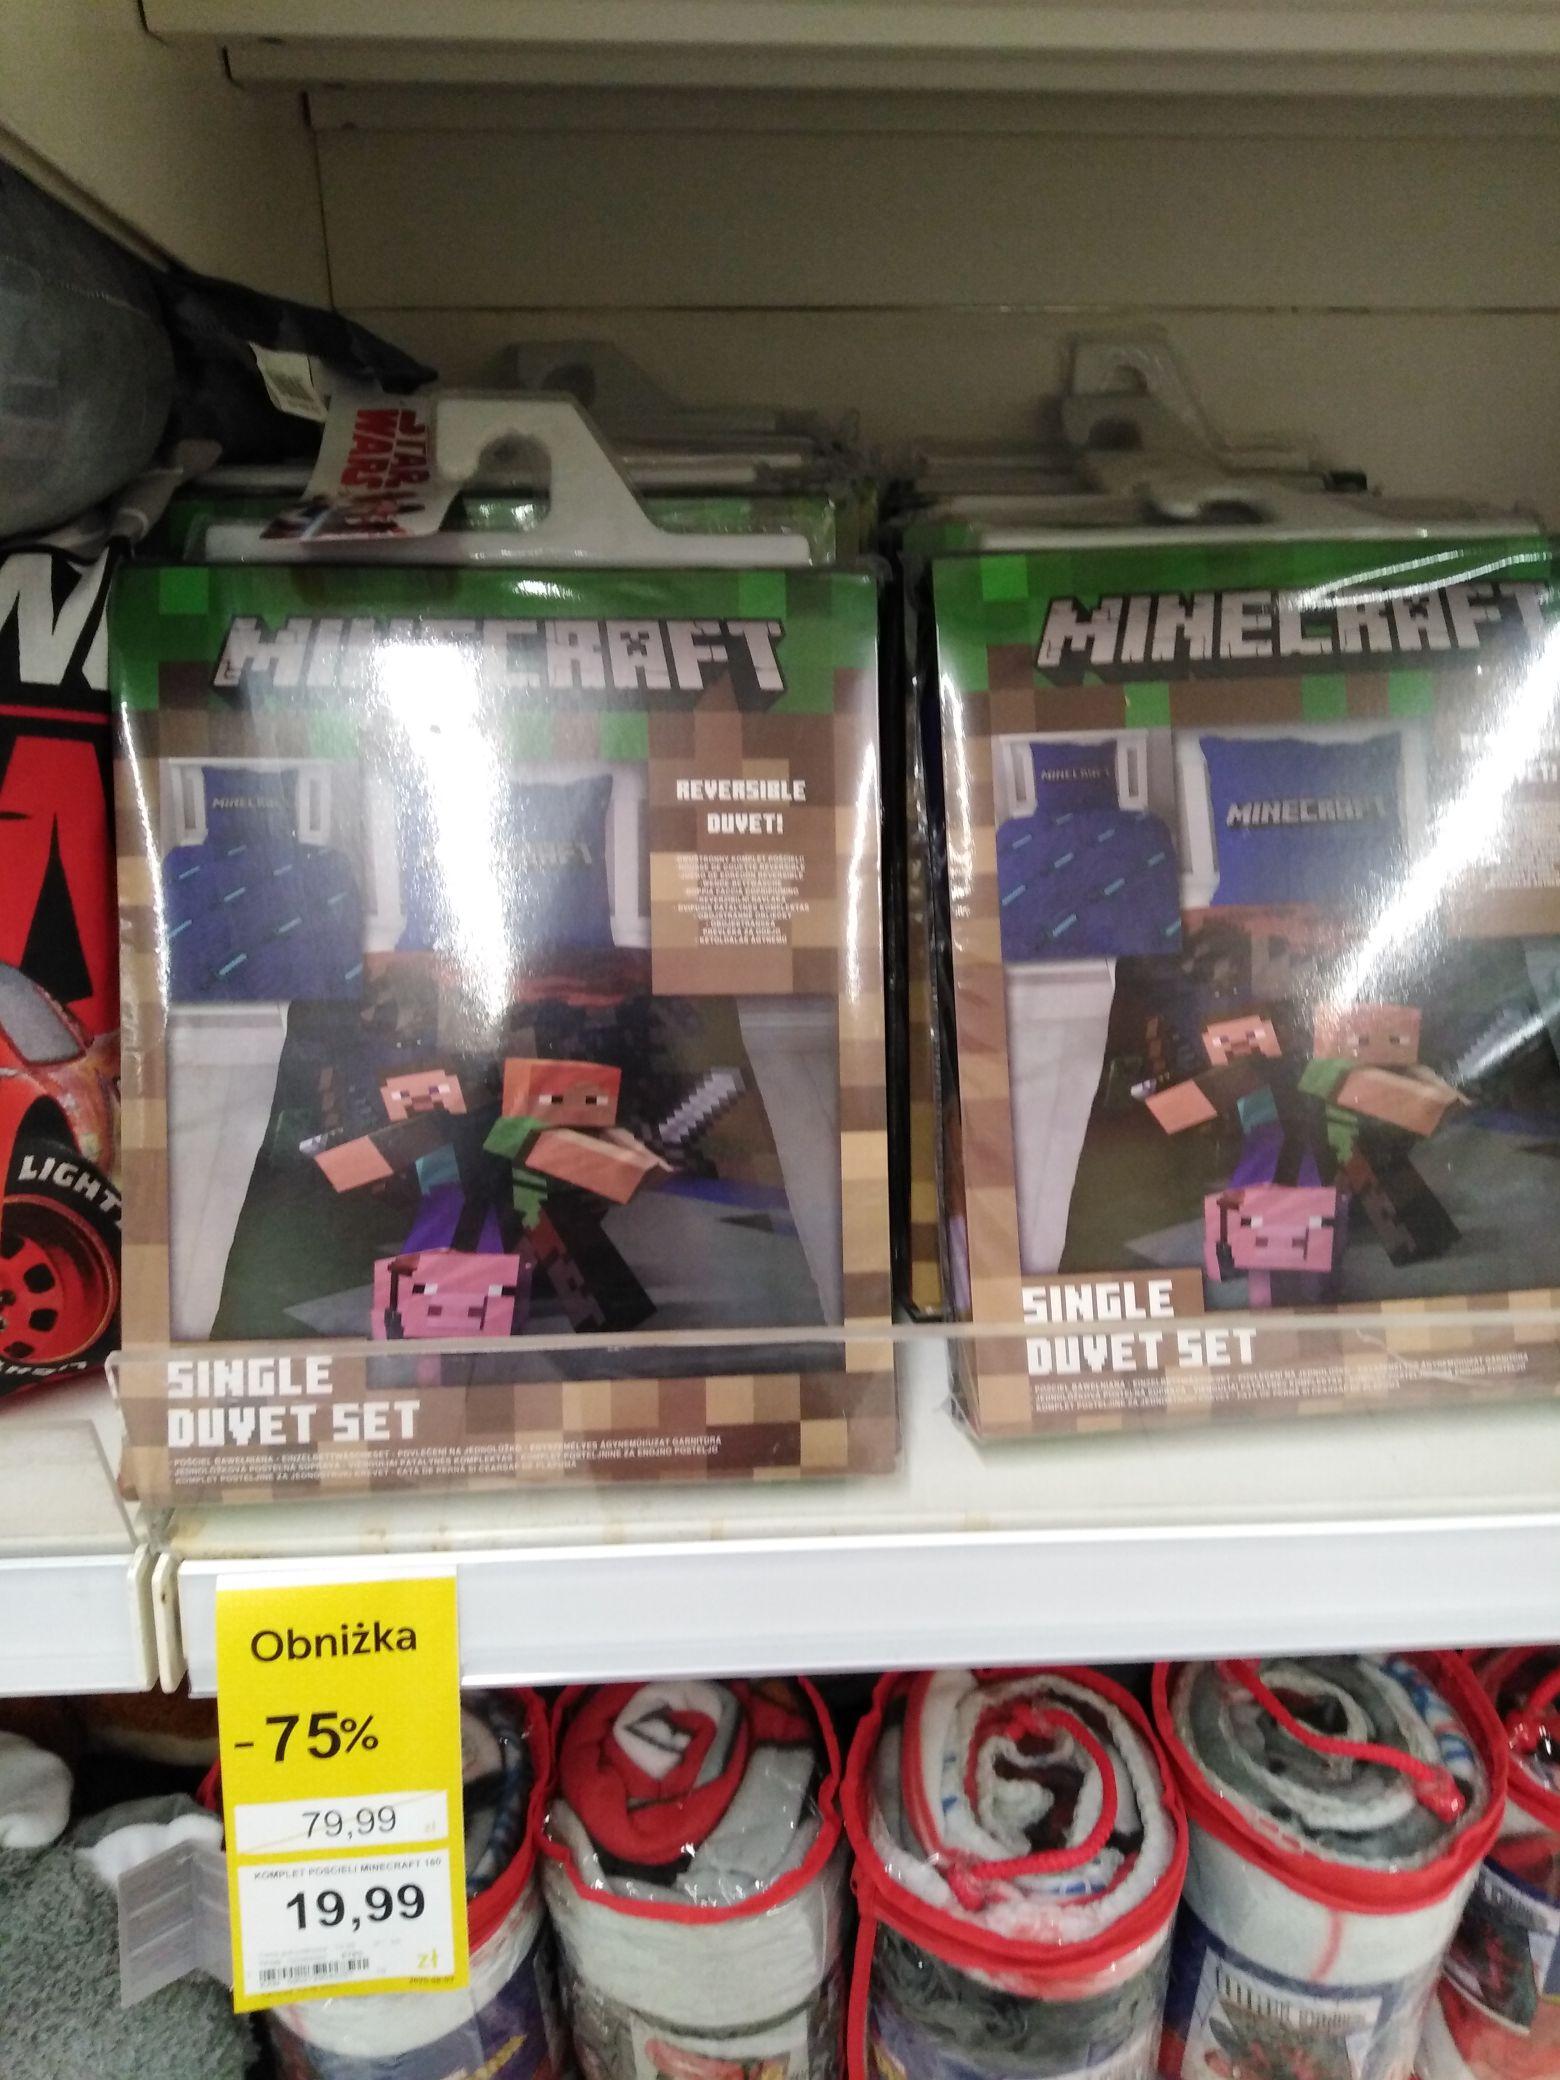 Pościel dziecięca Minecraft - 75% Tesco Zielona Góra.